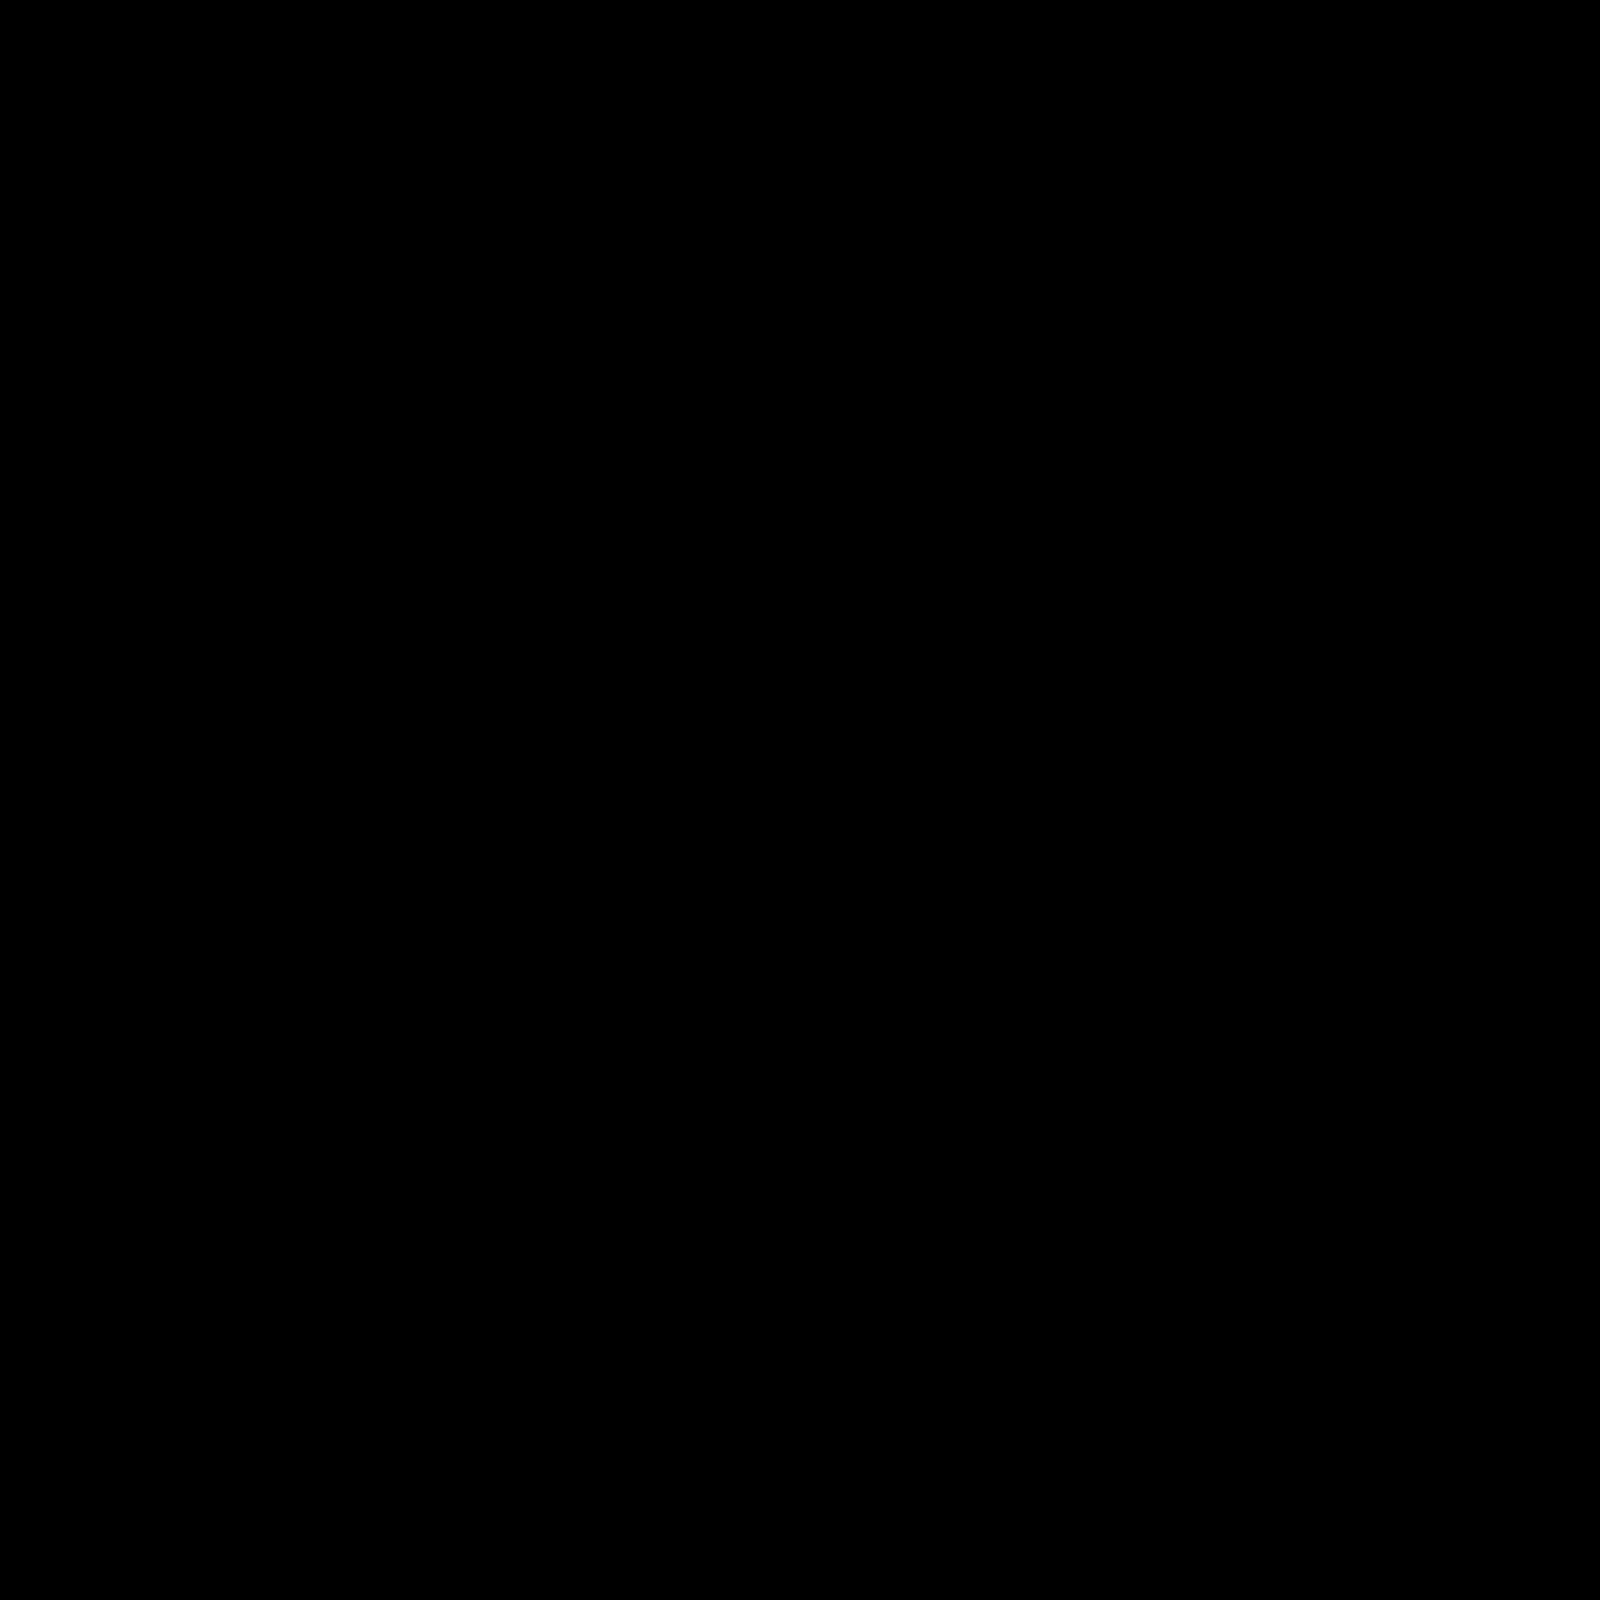 Clipart tv square. Open box icon free